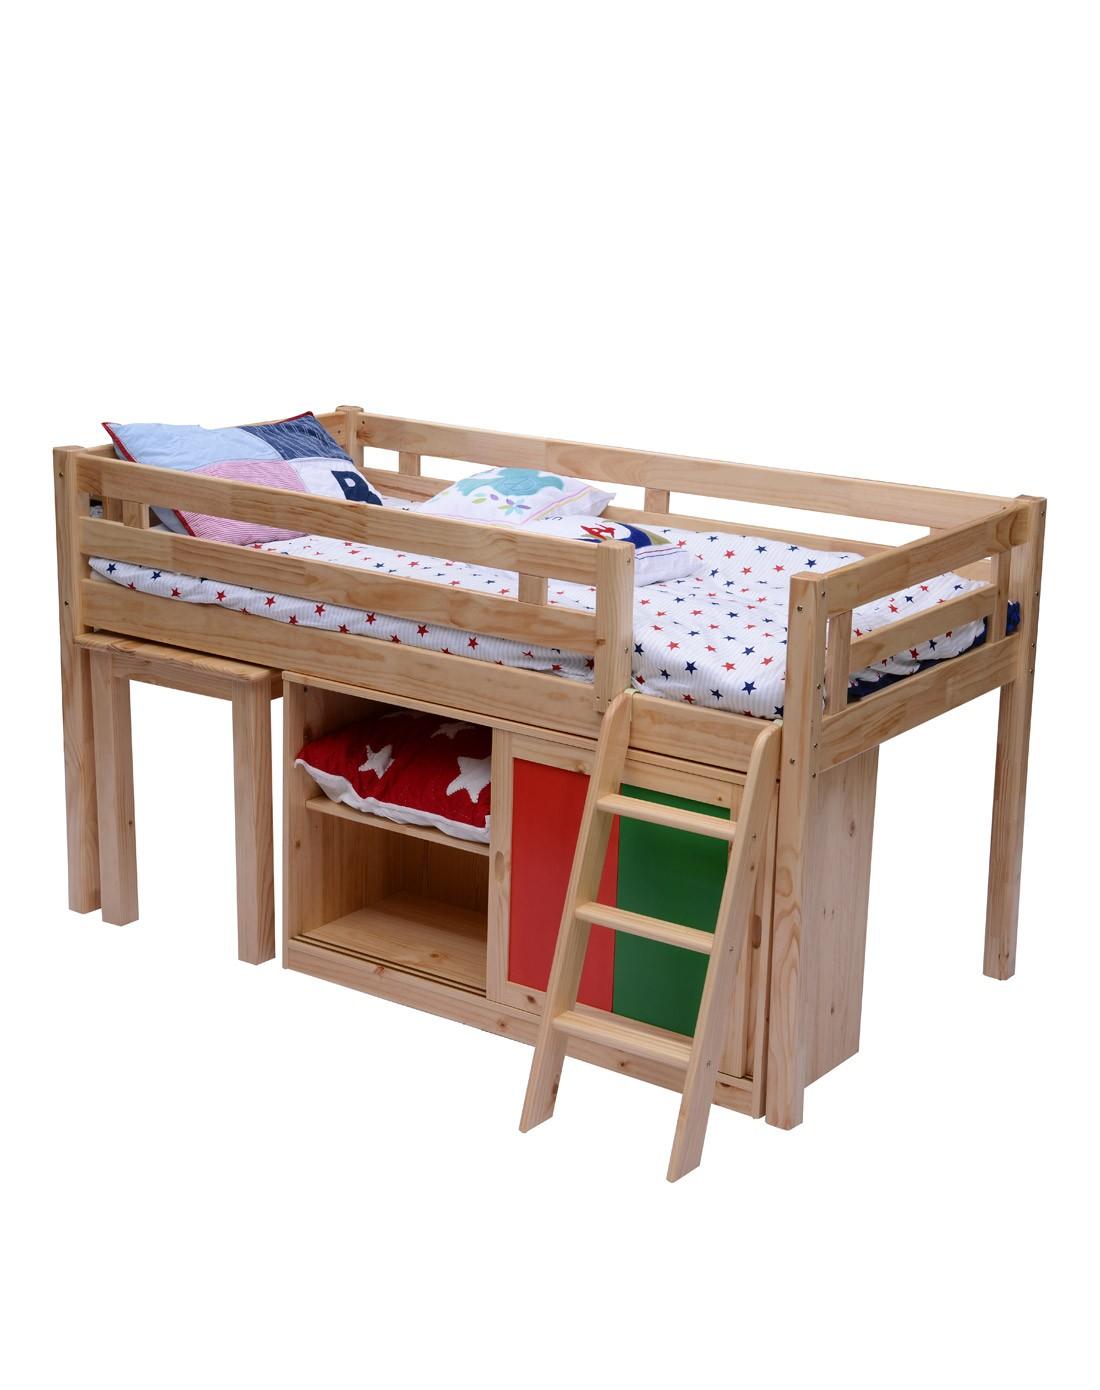 b家具专场实木儿童护栏挂梯床配移门柜书桌